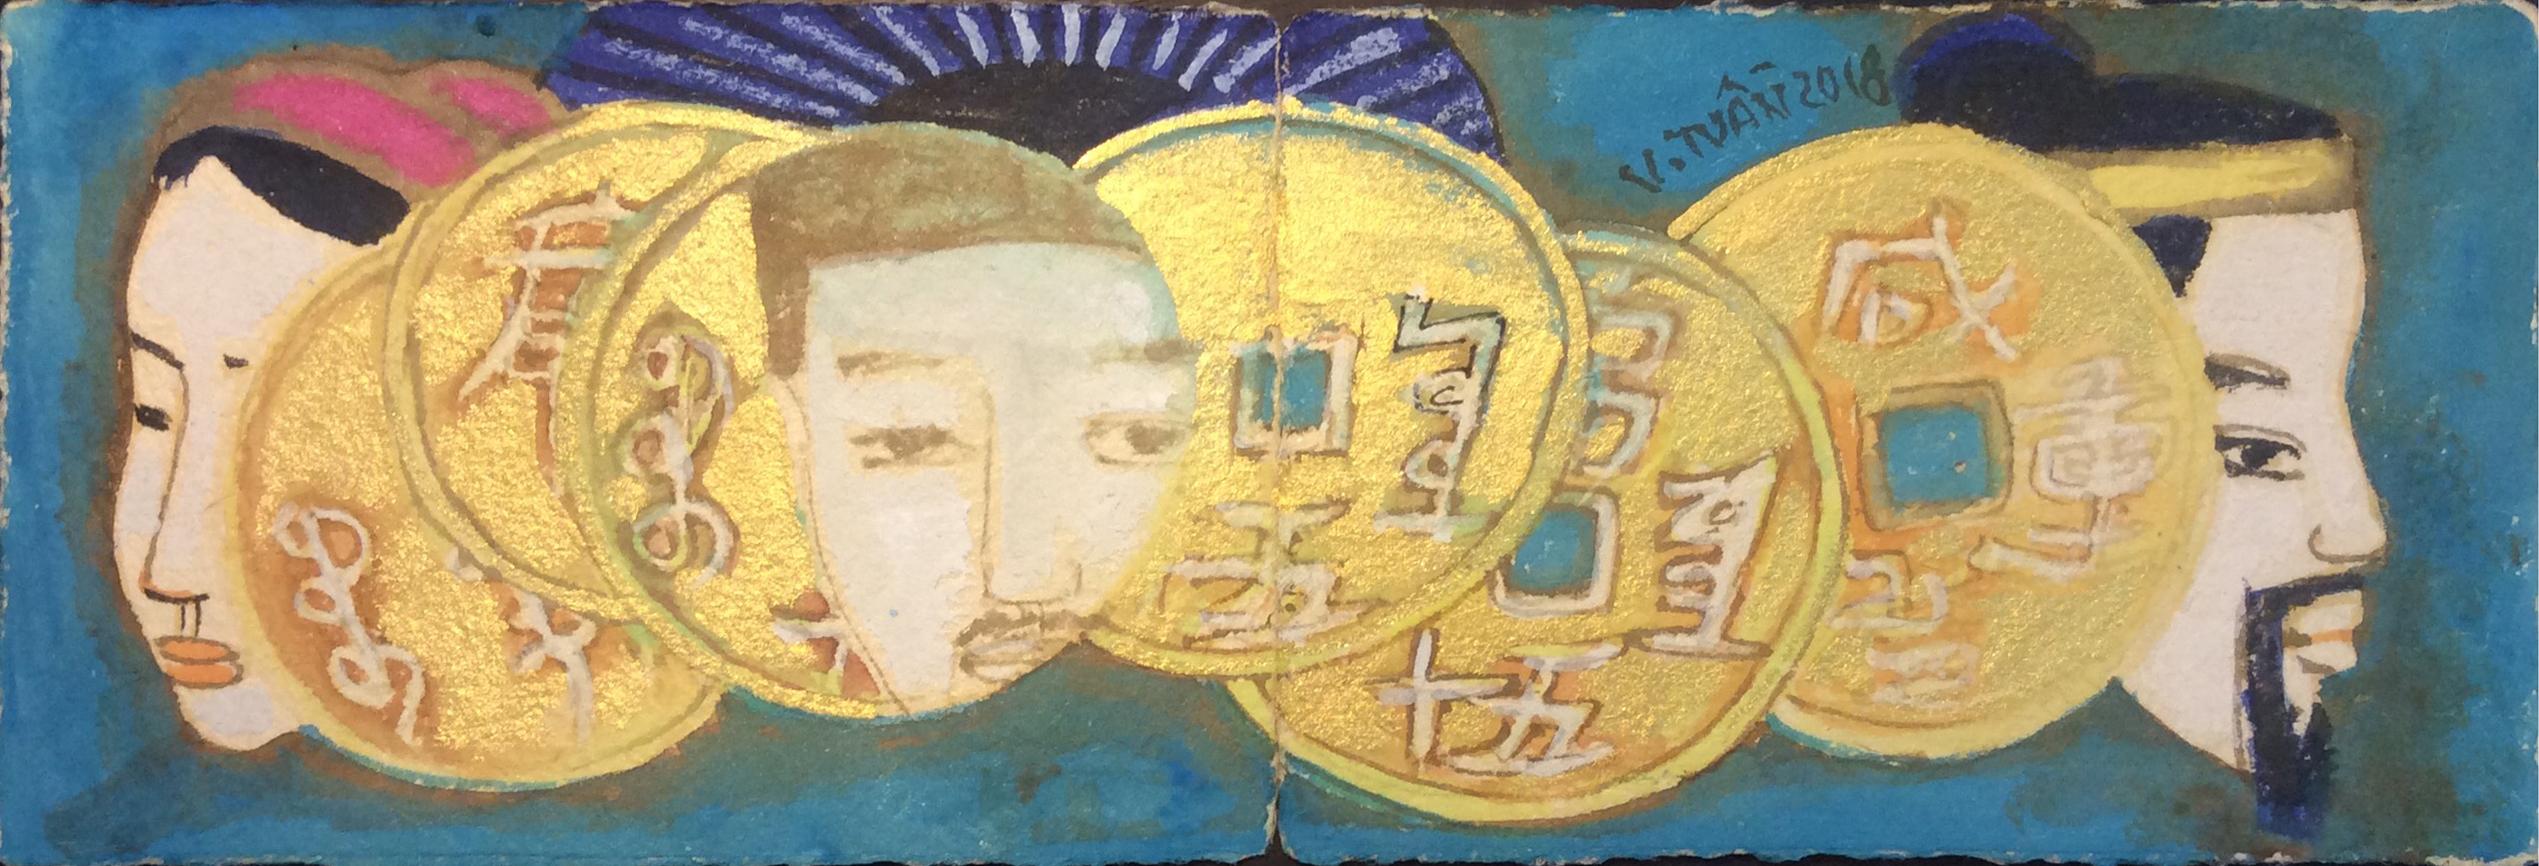 Đồng tiền vàng 01 | Yellow Coin 01